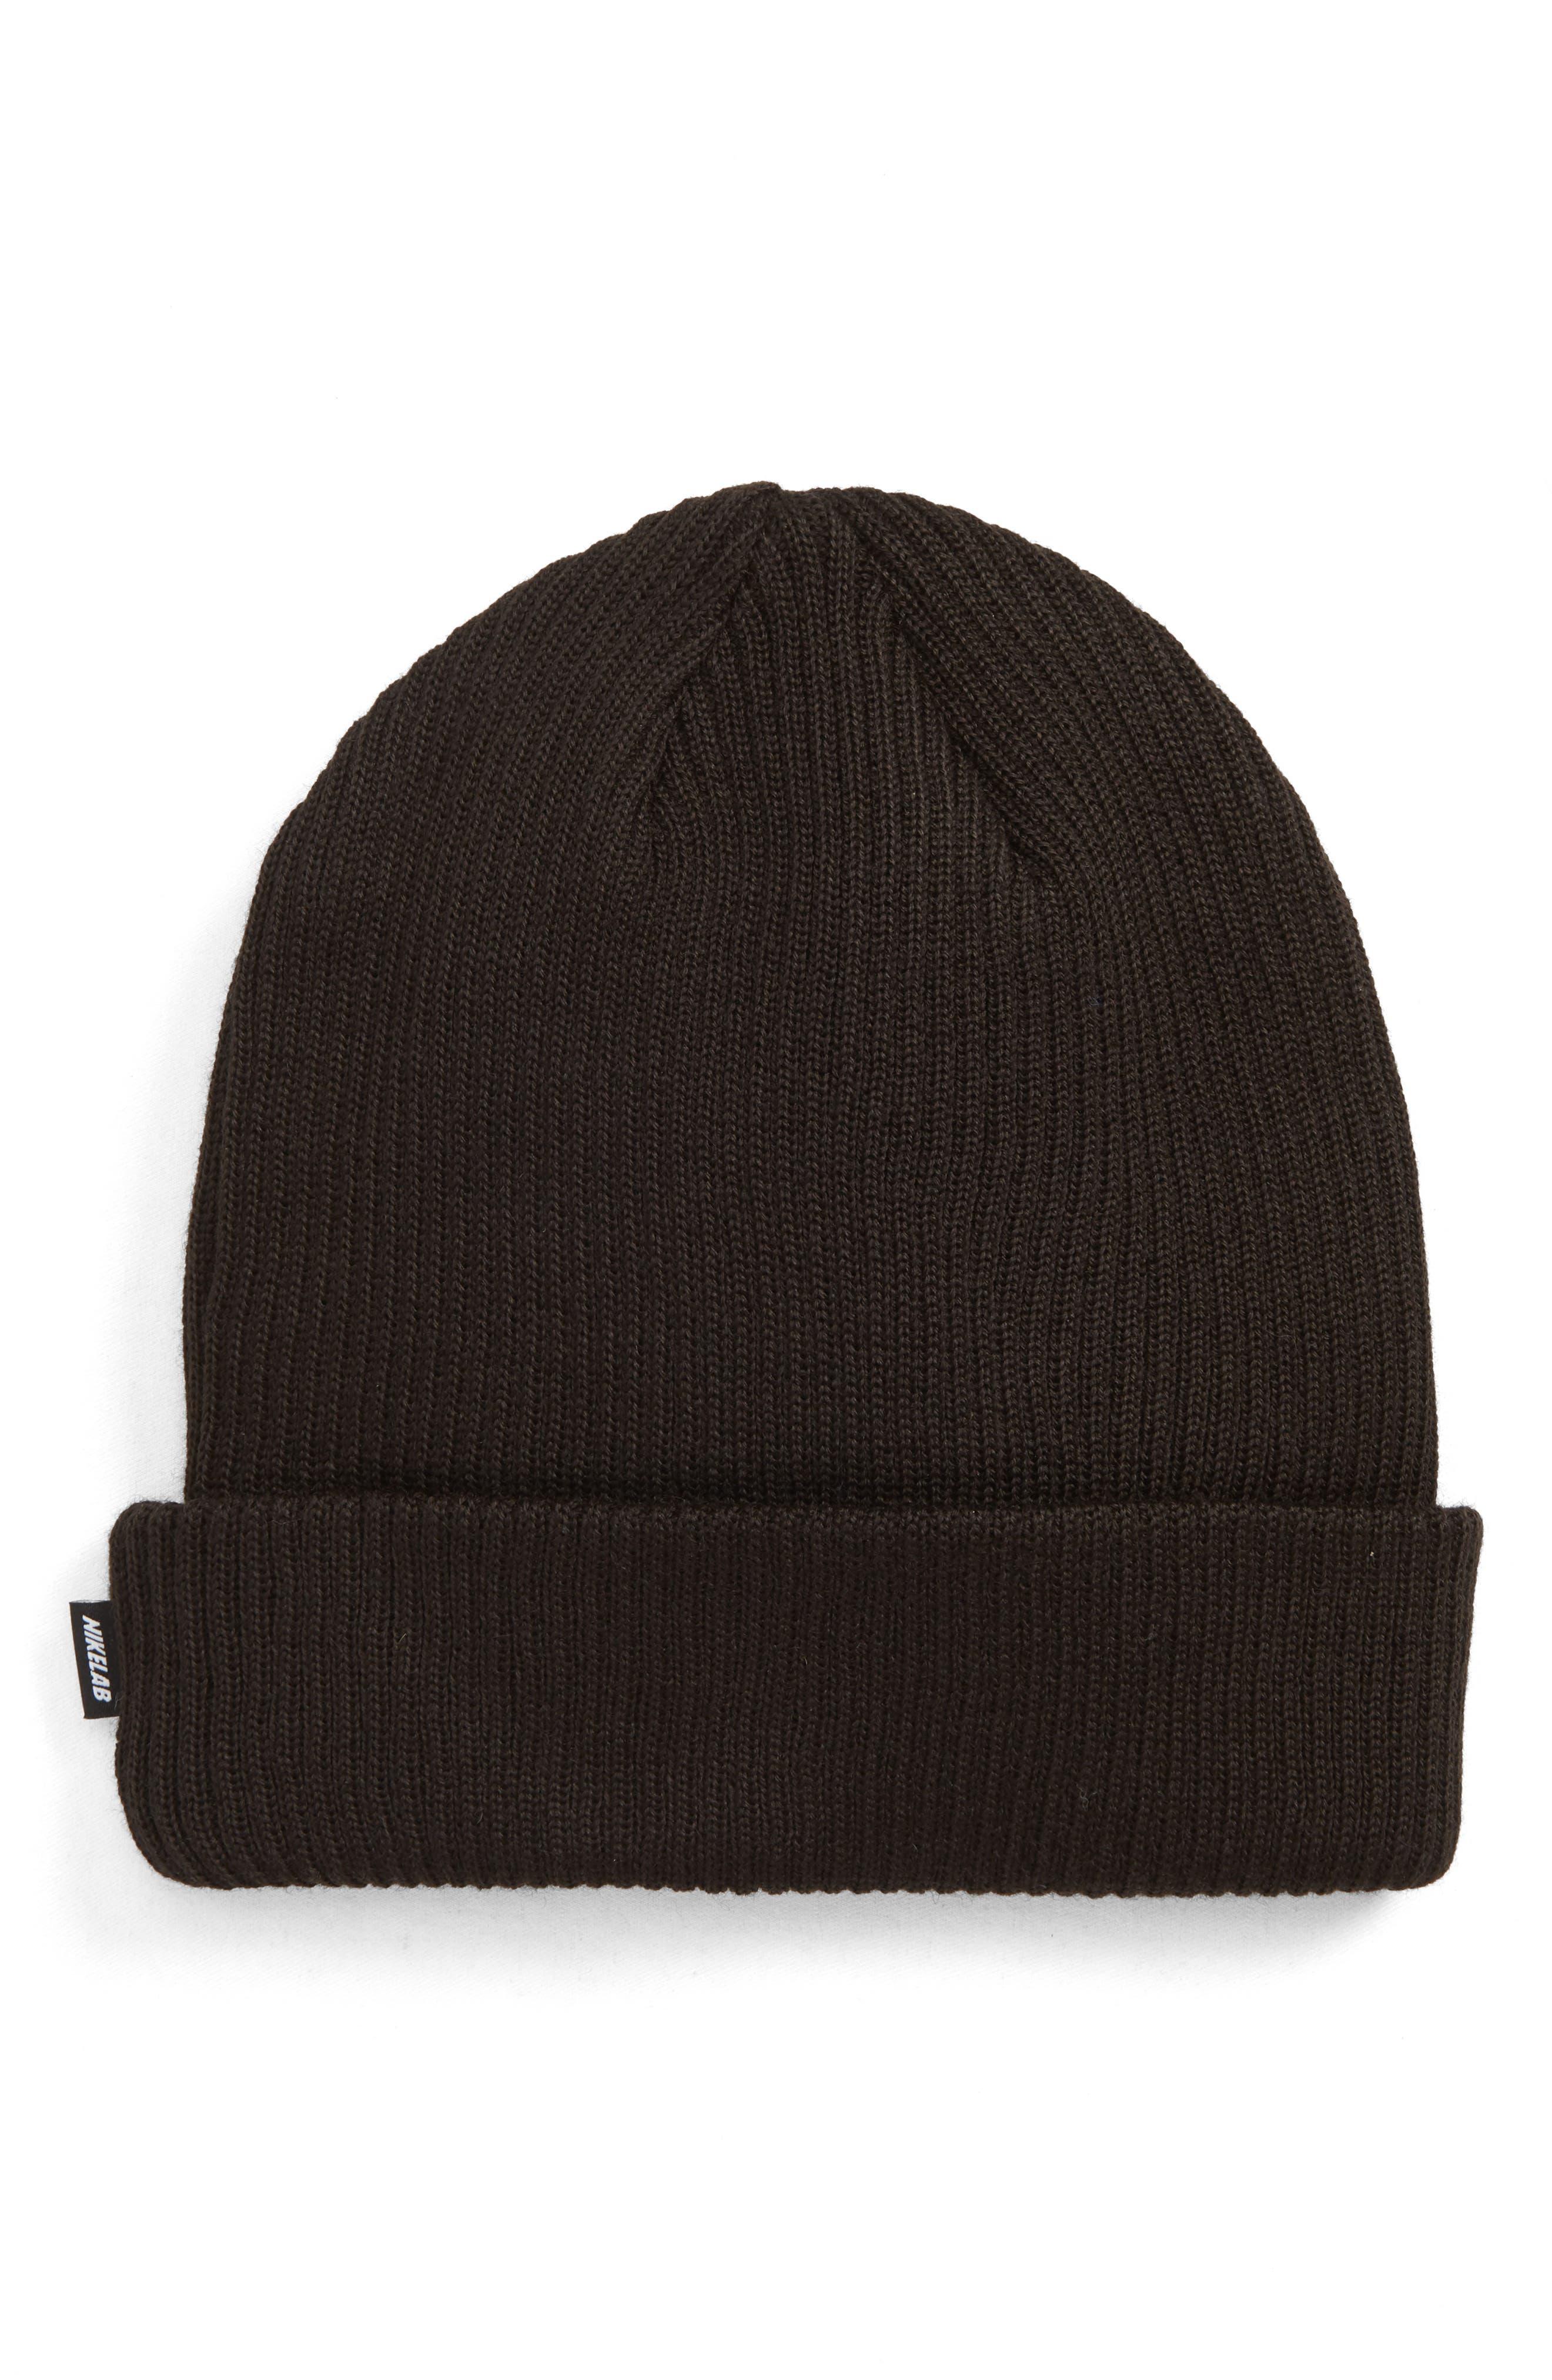 NIKE,                             NikeLab Essential Knit Beanie,                             Main thumbnail 1, color,                             010